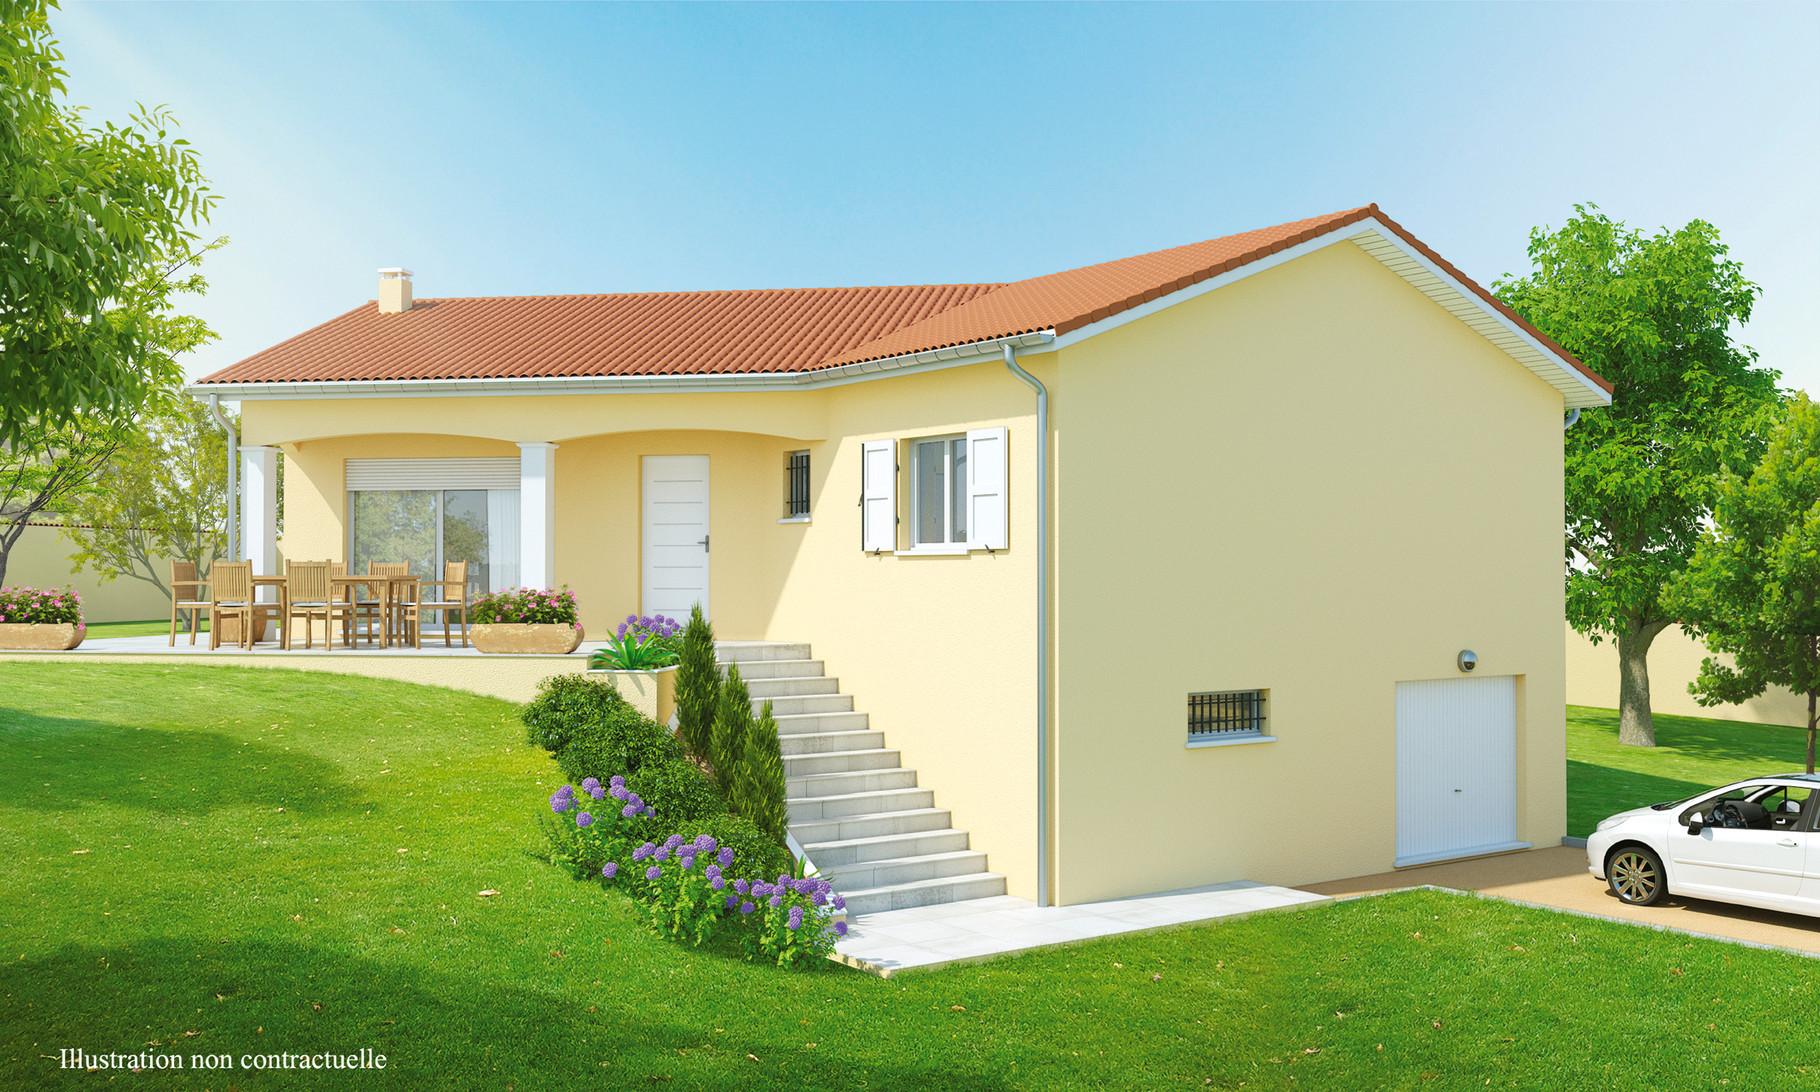 Maisons sur sous sol maisons axial loire 42 for Ajout de garage maison